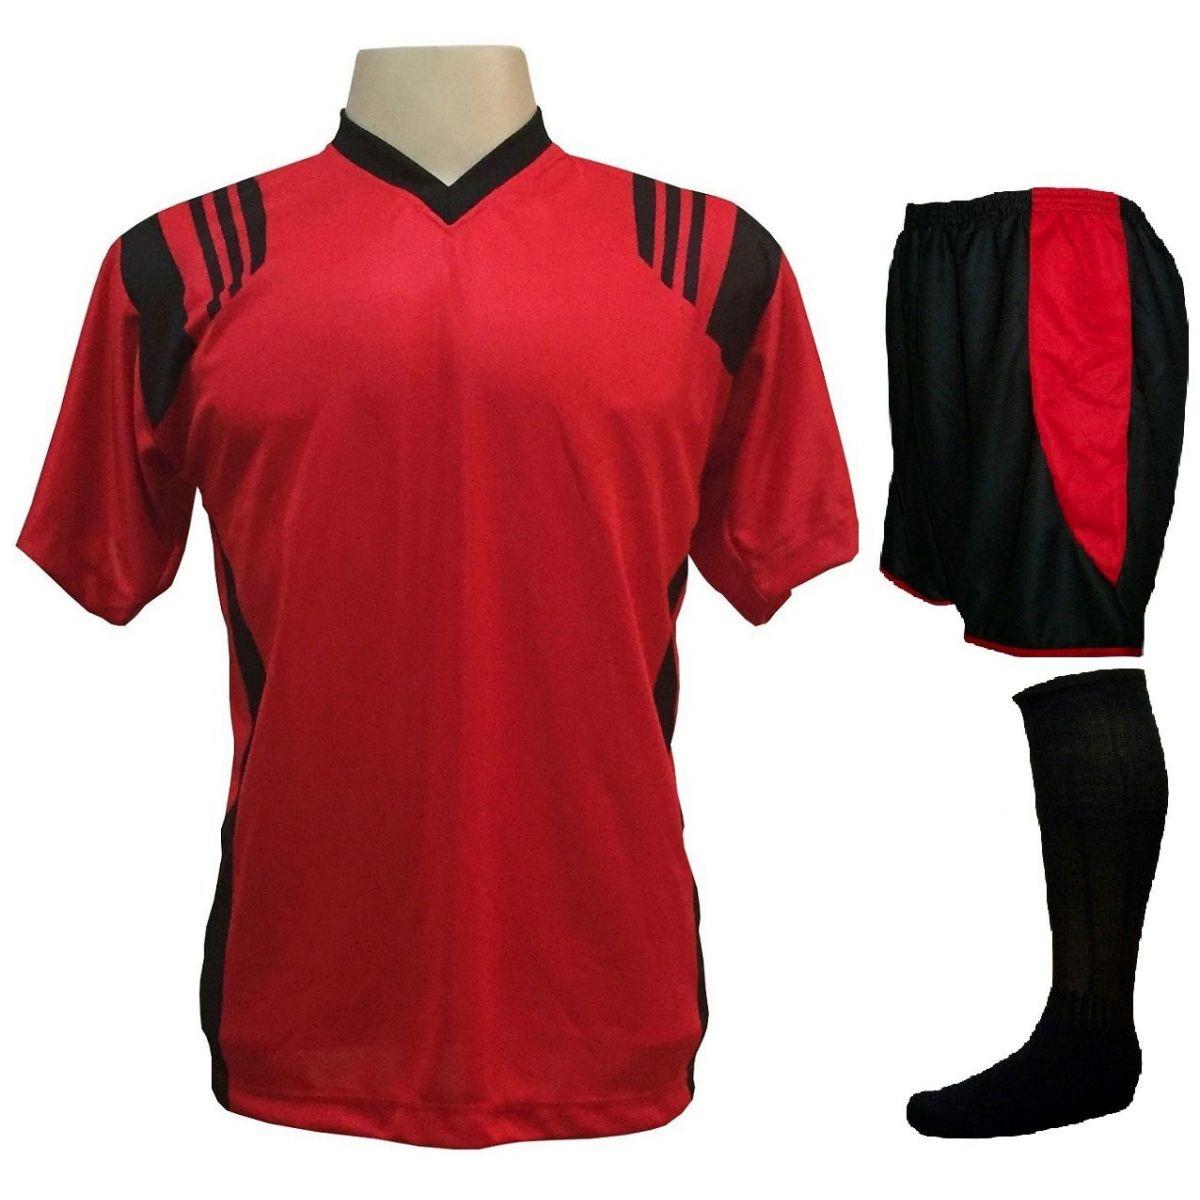 Uniforme Esportivo com 12 Camisas modelo Roma Vermelho/Preto + 12 Calções modelo Copa Preto/Vermelho + 12 Pares de meiões Preto   - ESTAÇÃO DO ESPORTE